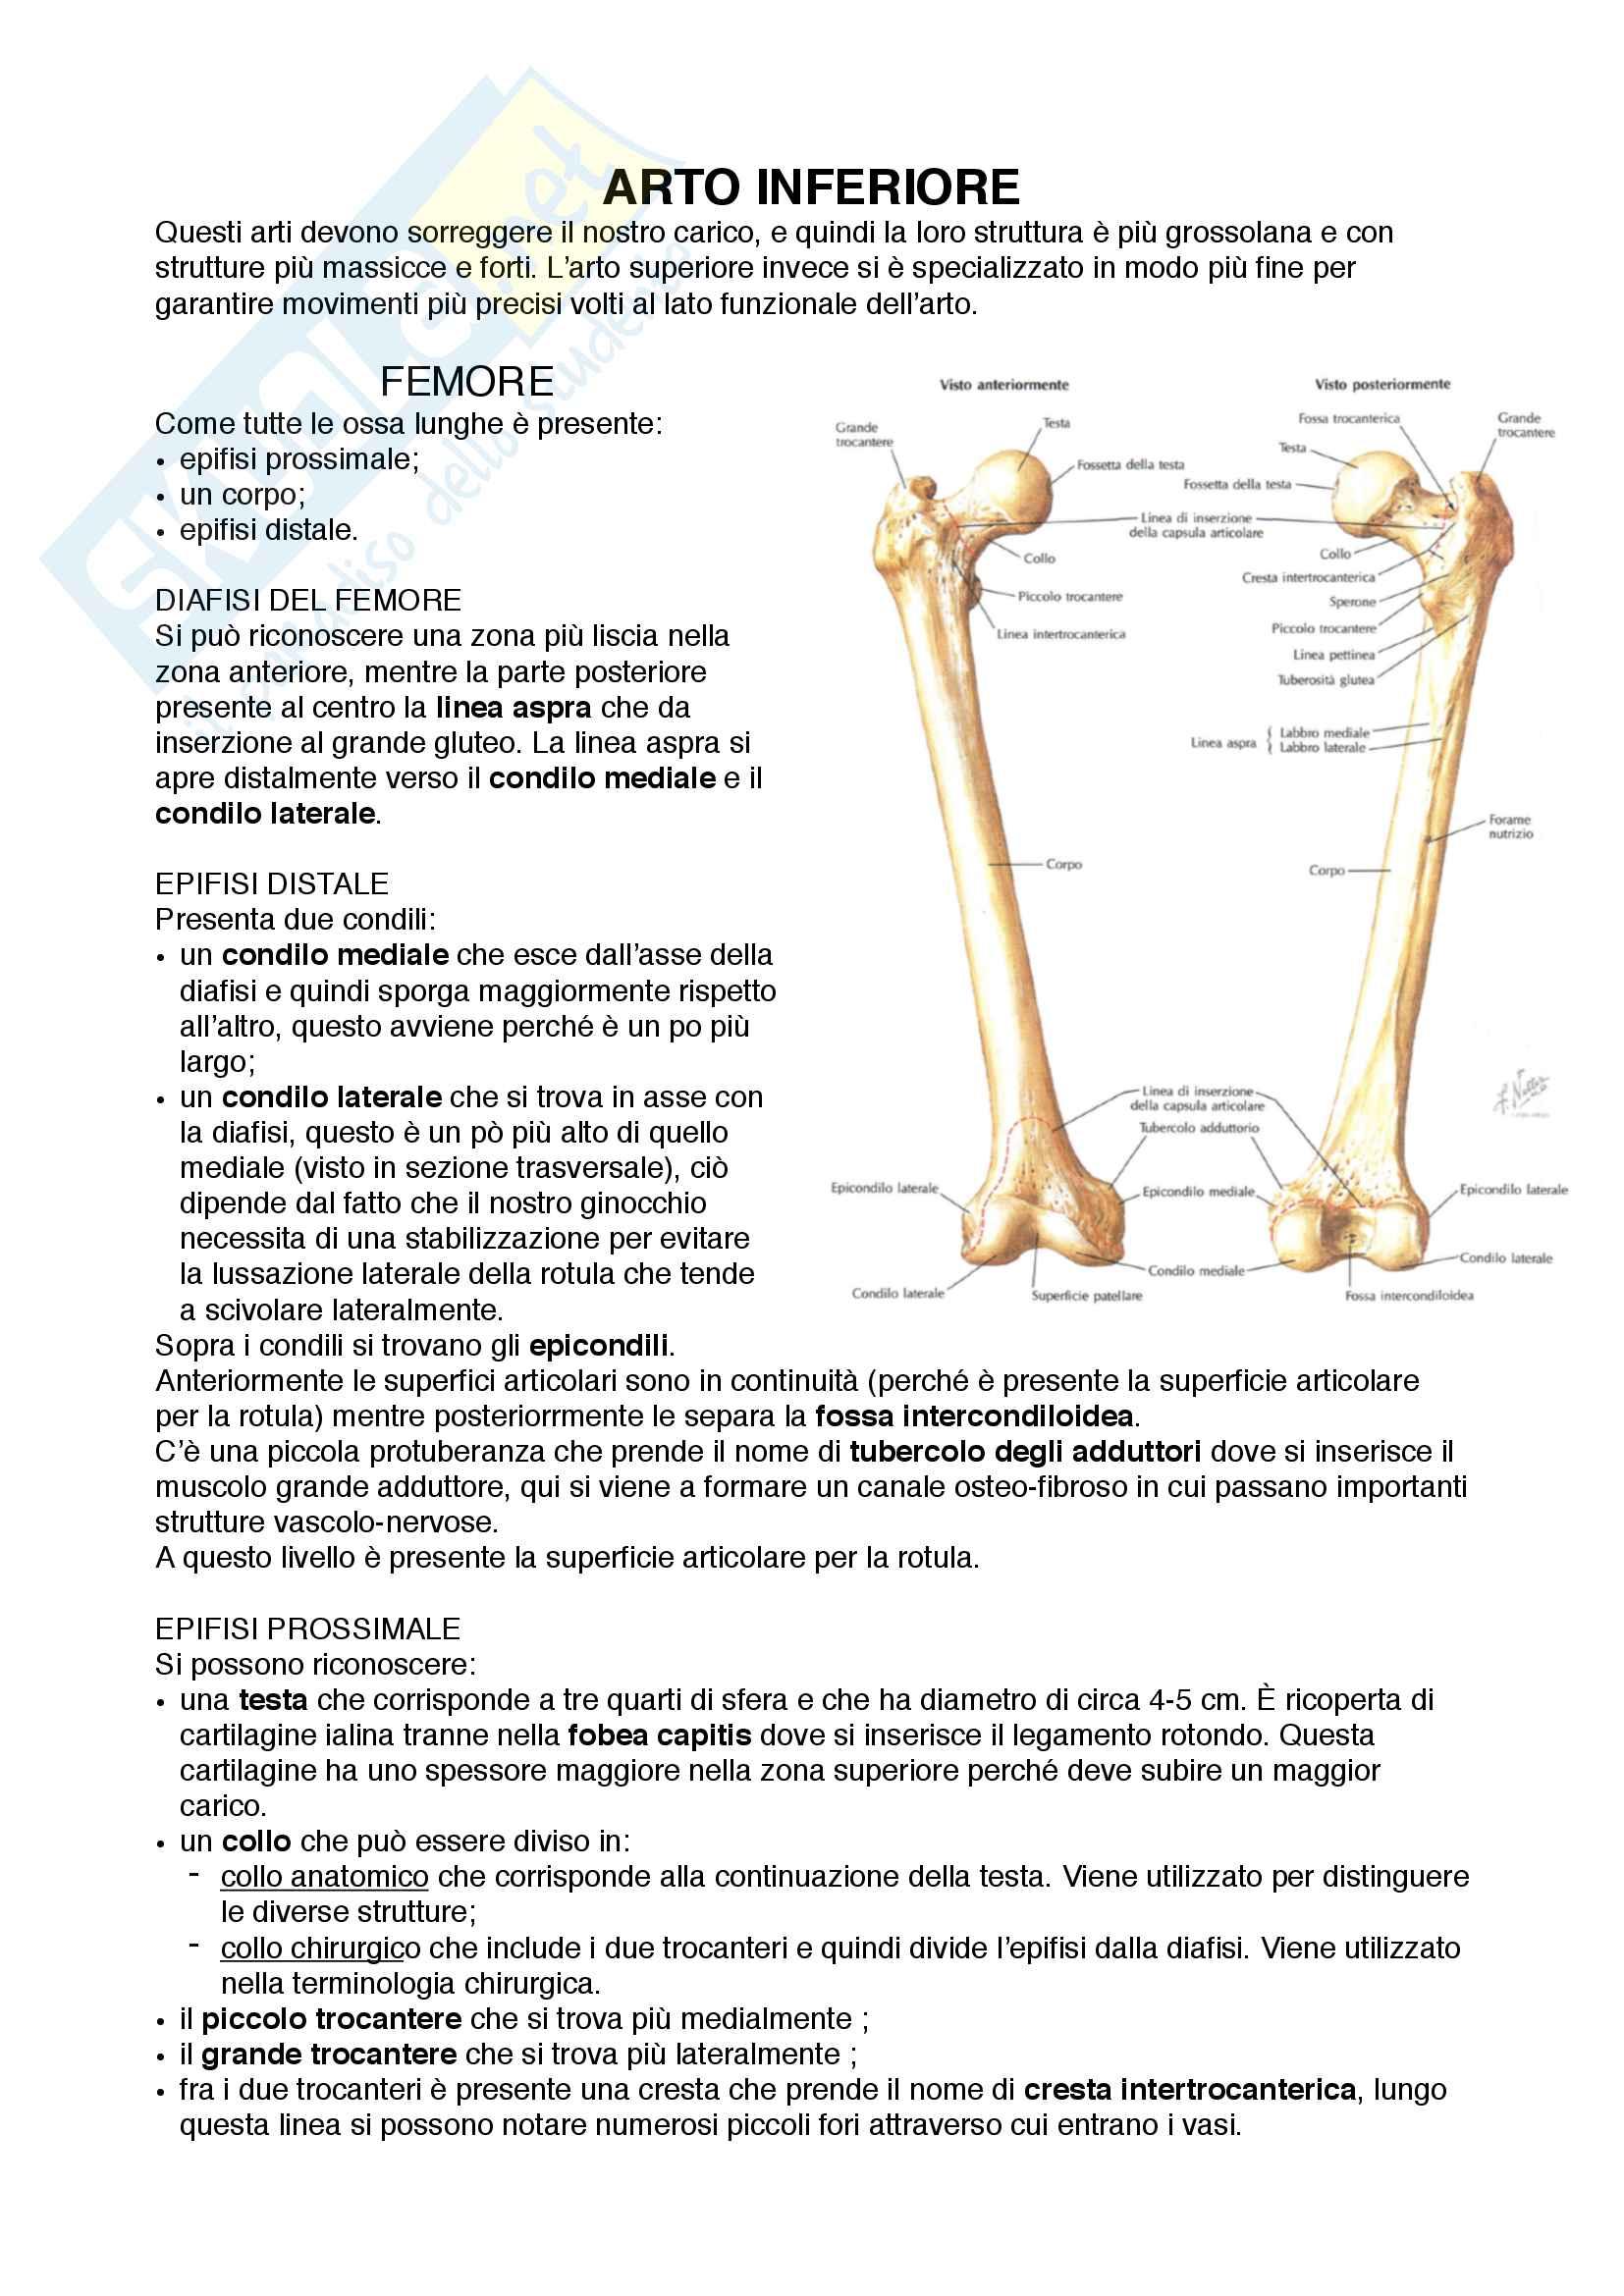 Documento completo per esame Anatomia I-Arto inferiore, UNIPD